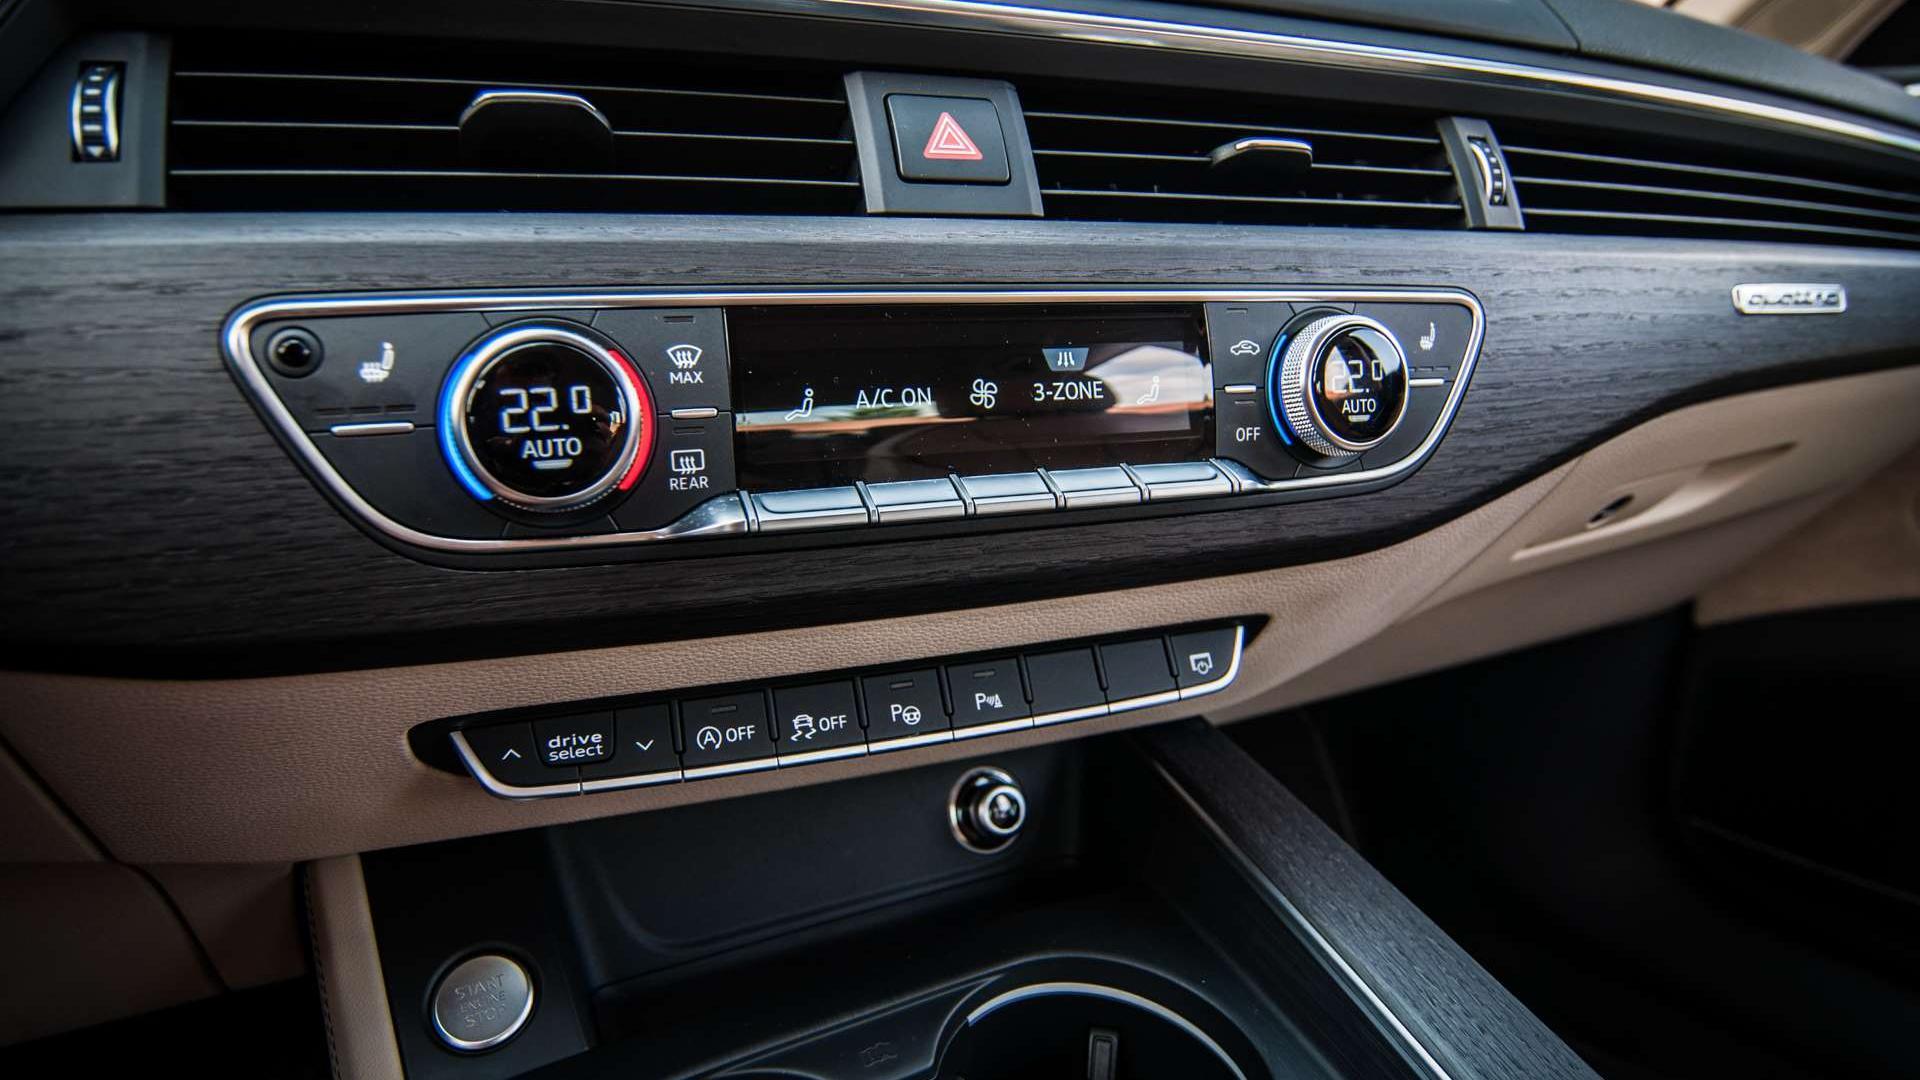 Audi A4 Wszystko Dla Komfortu Autocentrumpl